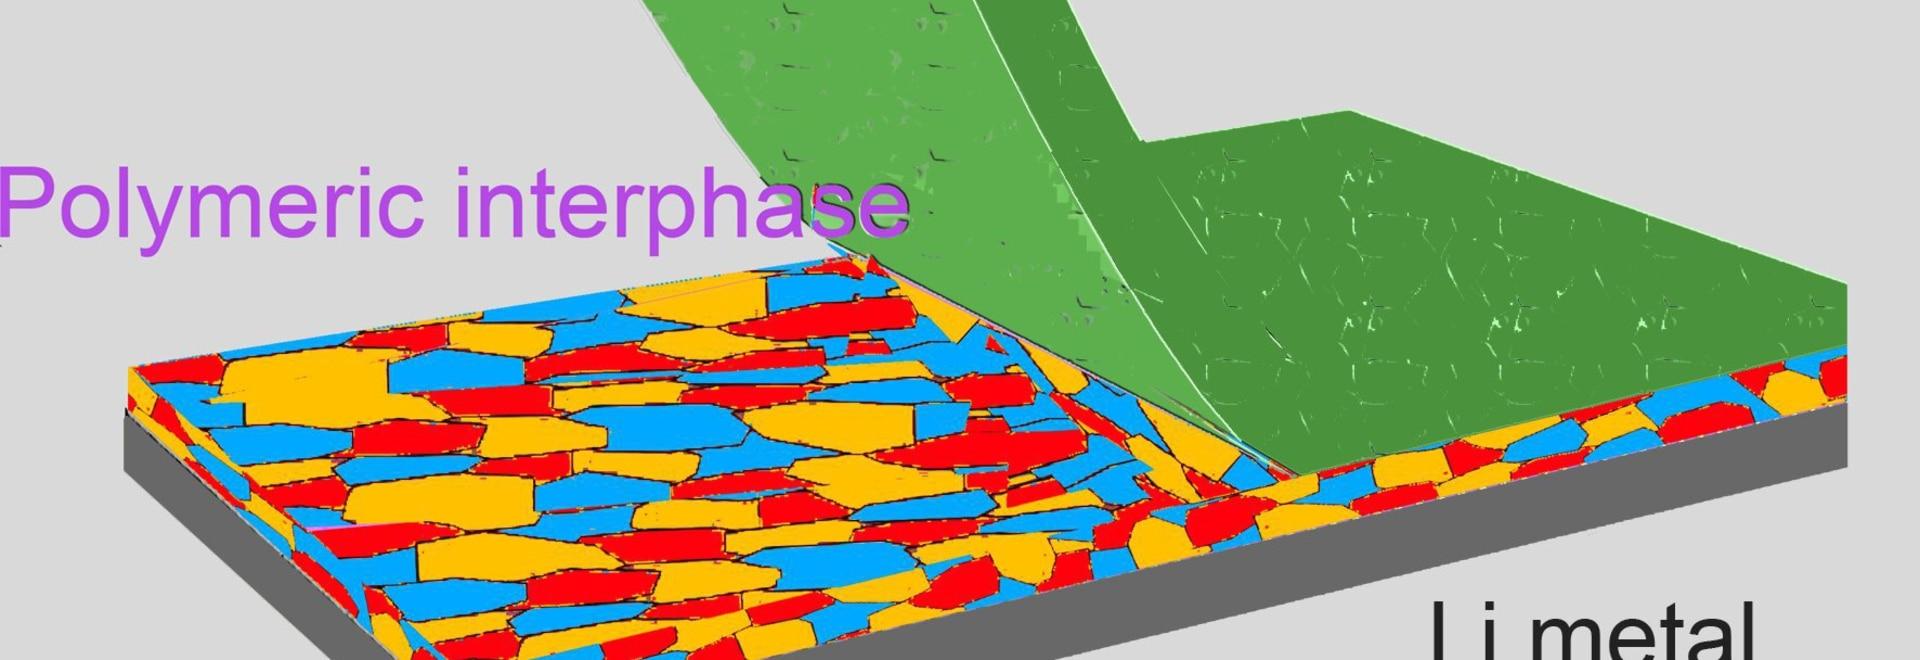 La nouvelle interphase améliore les performances, sécurité des batteries en métal de lithium